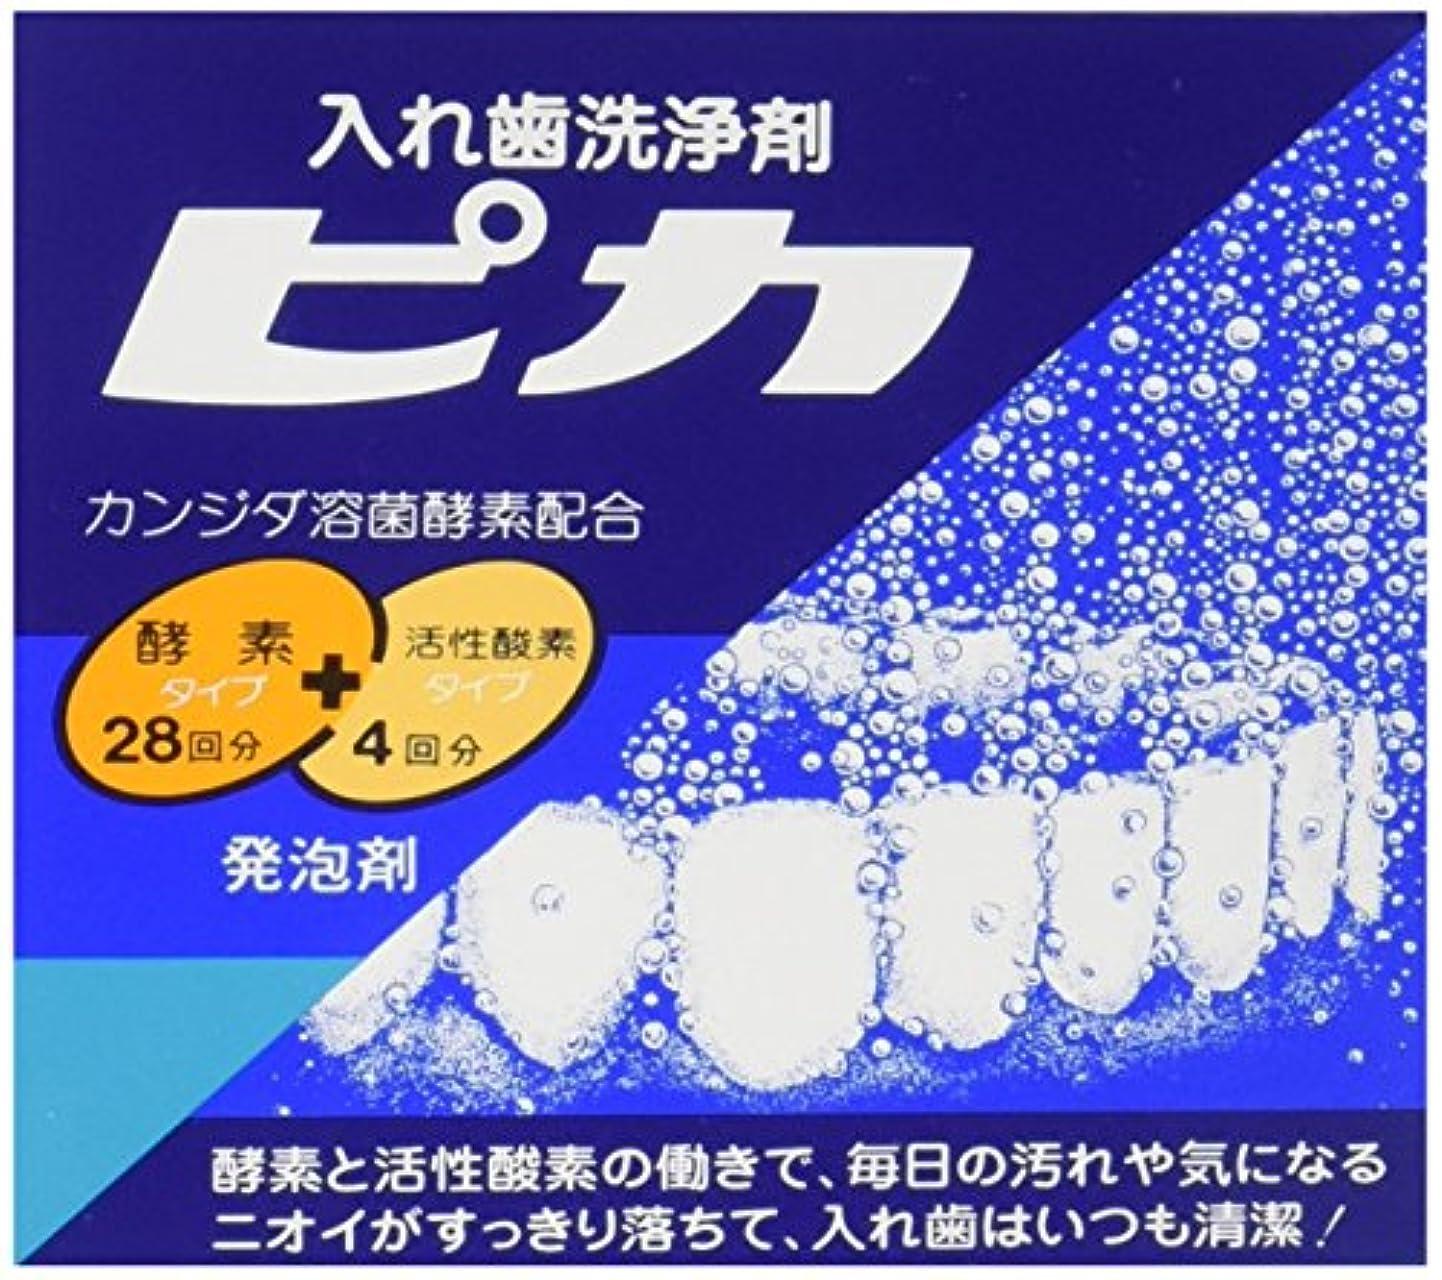 曲がった収穫ラジカルロート製薬 入れ歯洗浄剤ピカ カンジダ菌溶菌酵素配合 28錠+4包